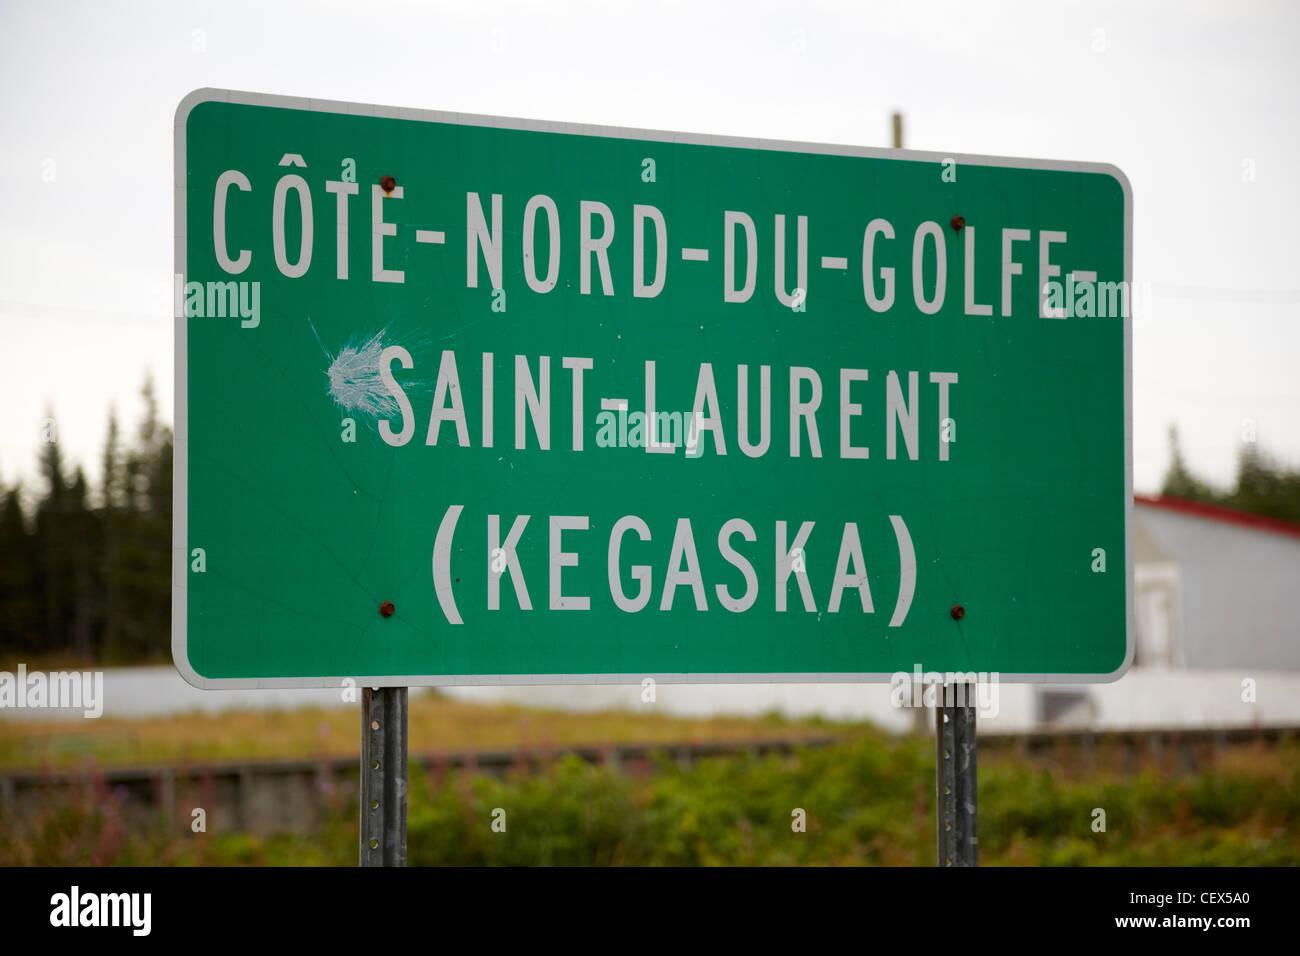 Cote-Nord-Du-Golfe-Saint-Laurent, Kegaska road sign, Quebec, Canada - Stock Image